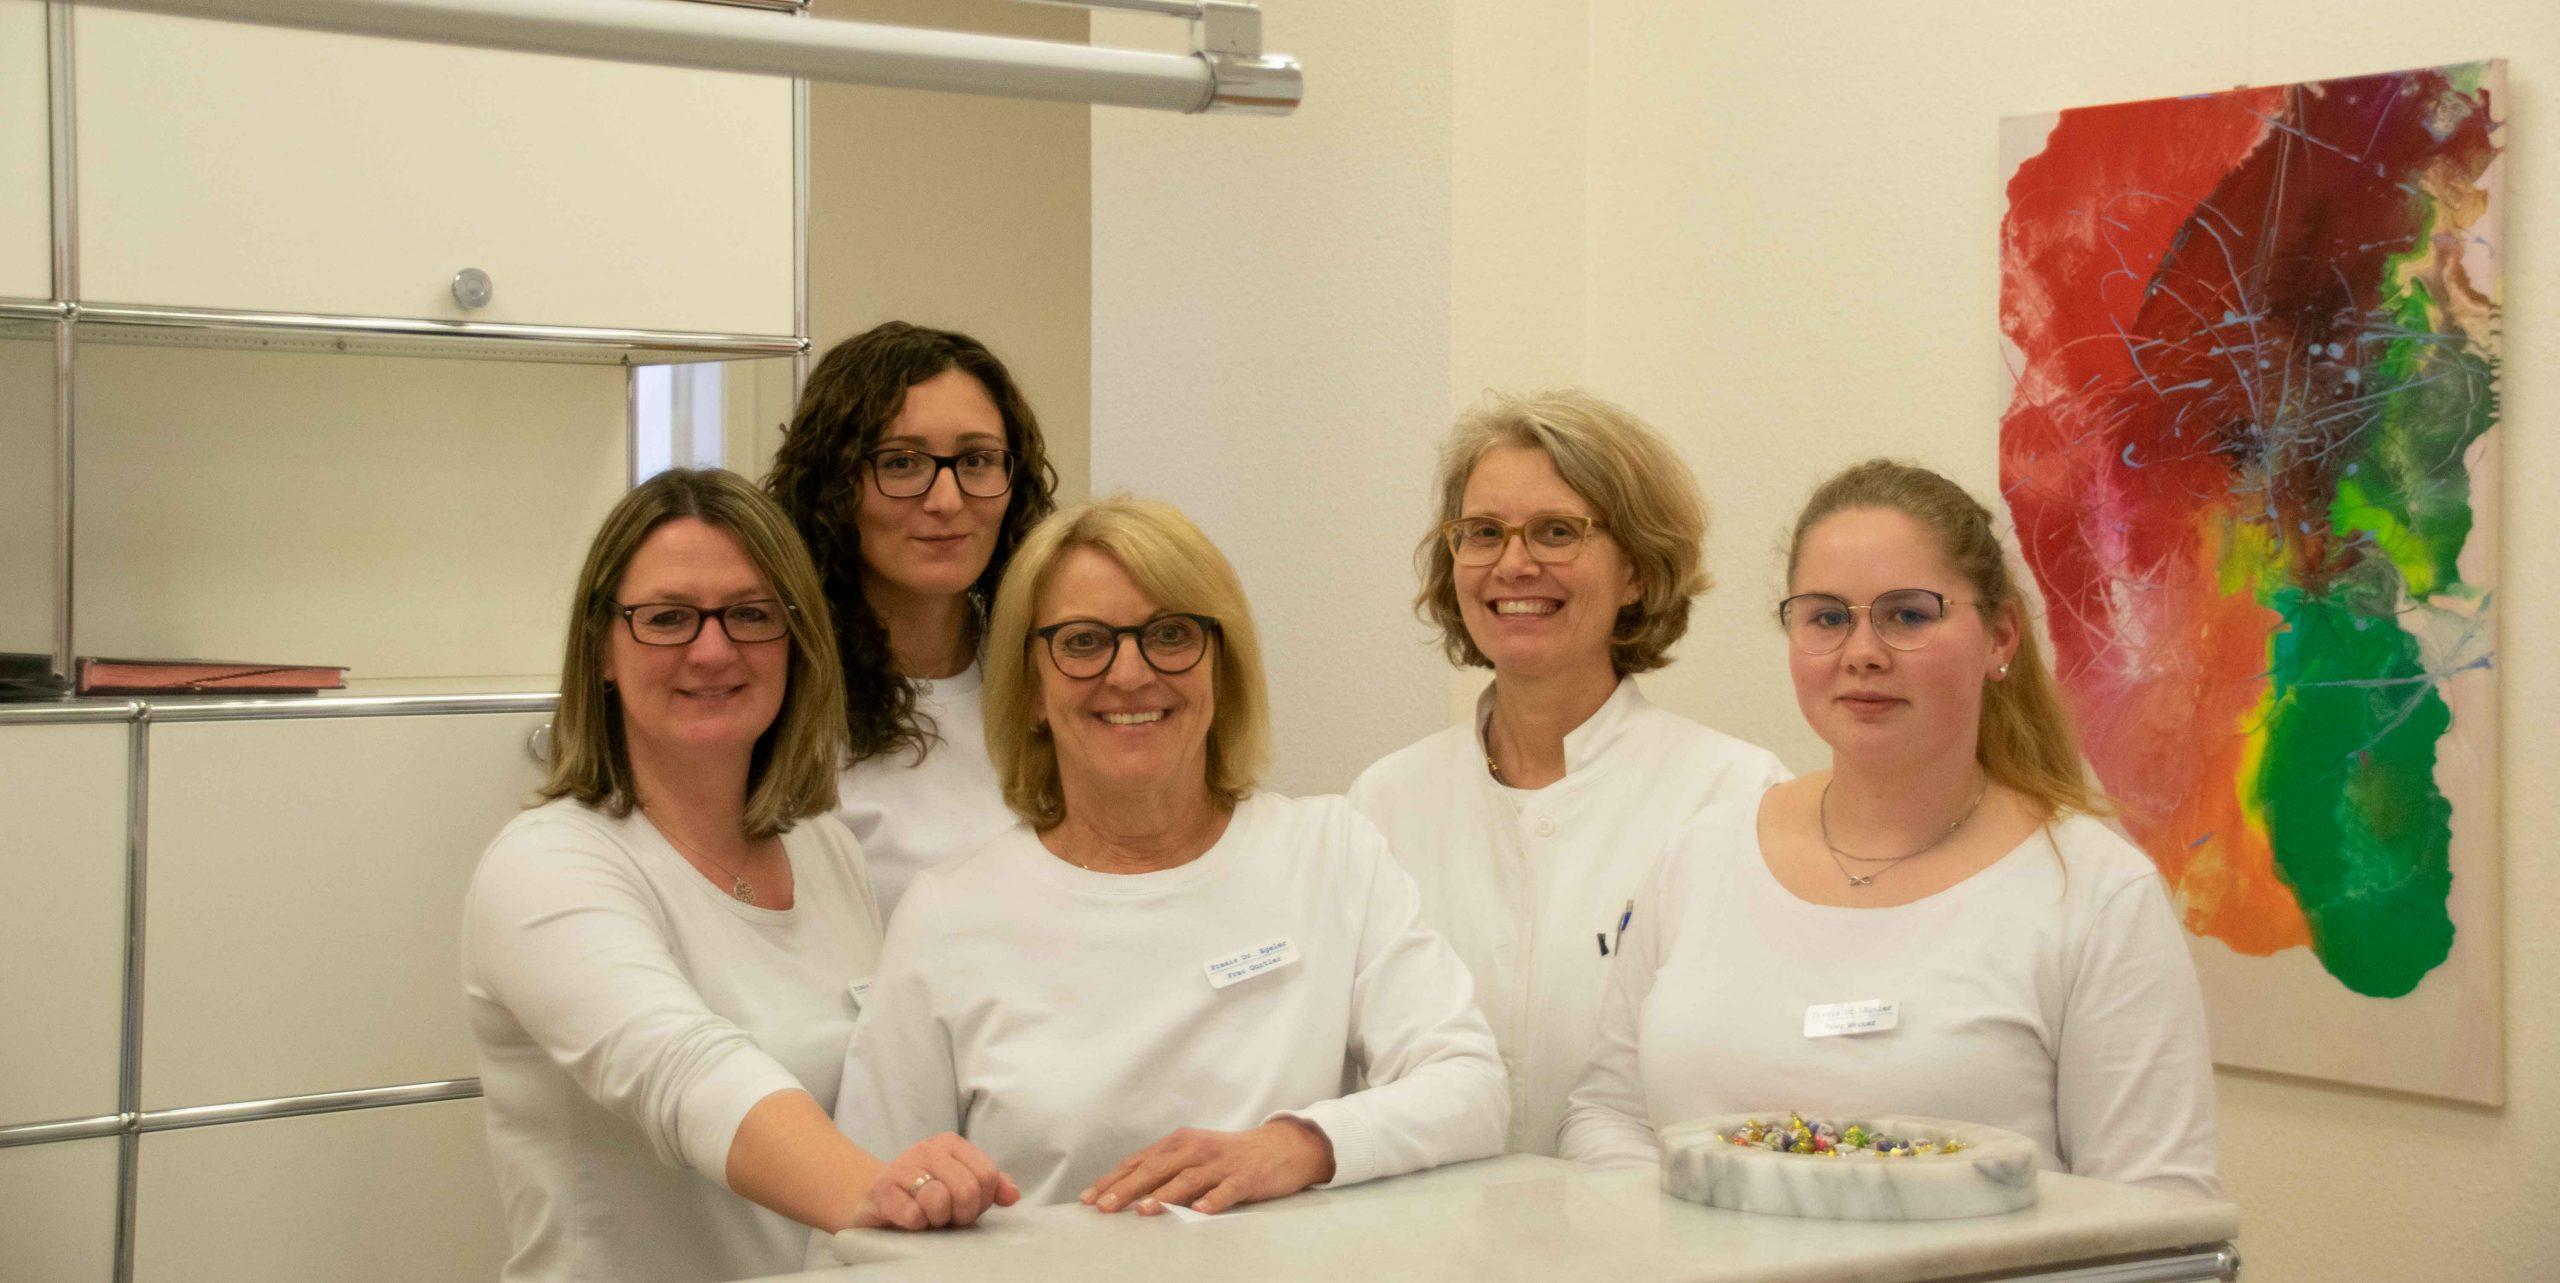 v.l.n.r.: Frau Schöneck, Frau Bullmer, Frau Gürtler, Dr. Egeler, Frau Werner